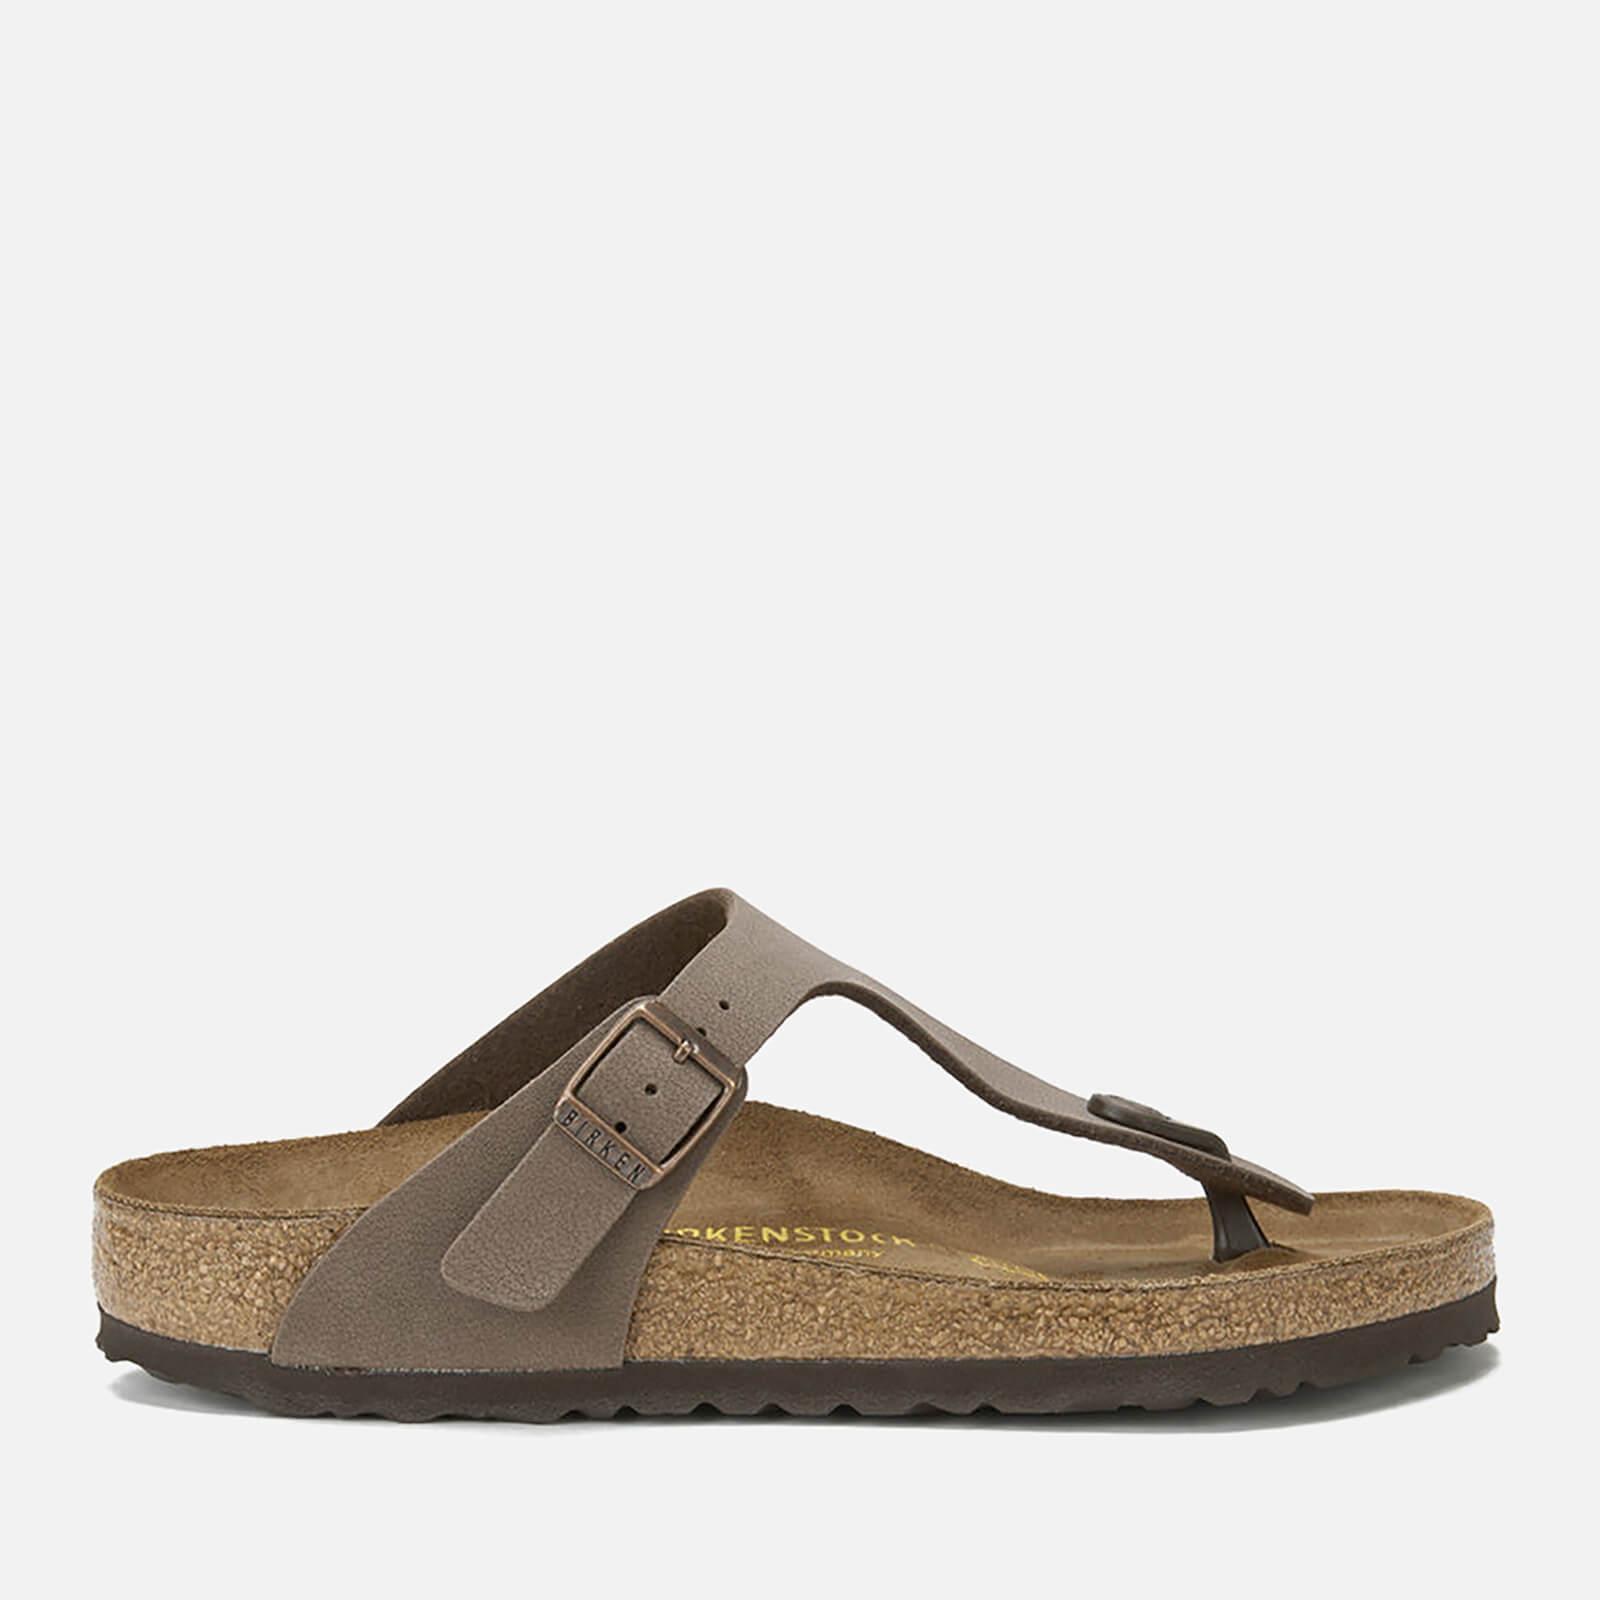 Birkenstock Women's Gizeh Toe-Post Leather Sandals - Mocha - EU 36/UK 3.5